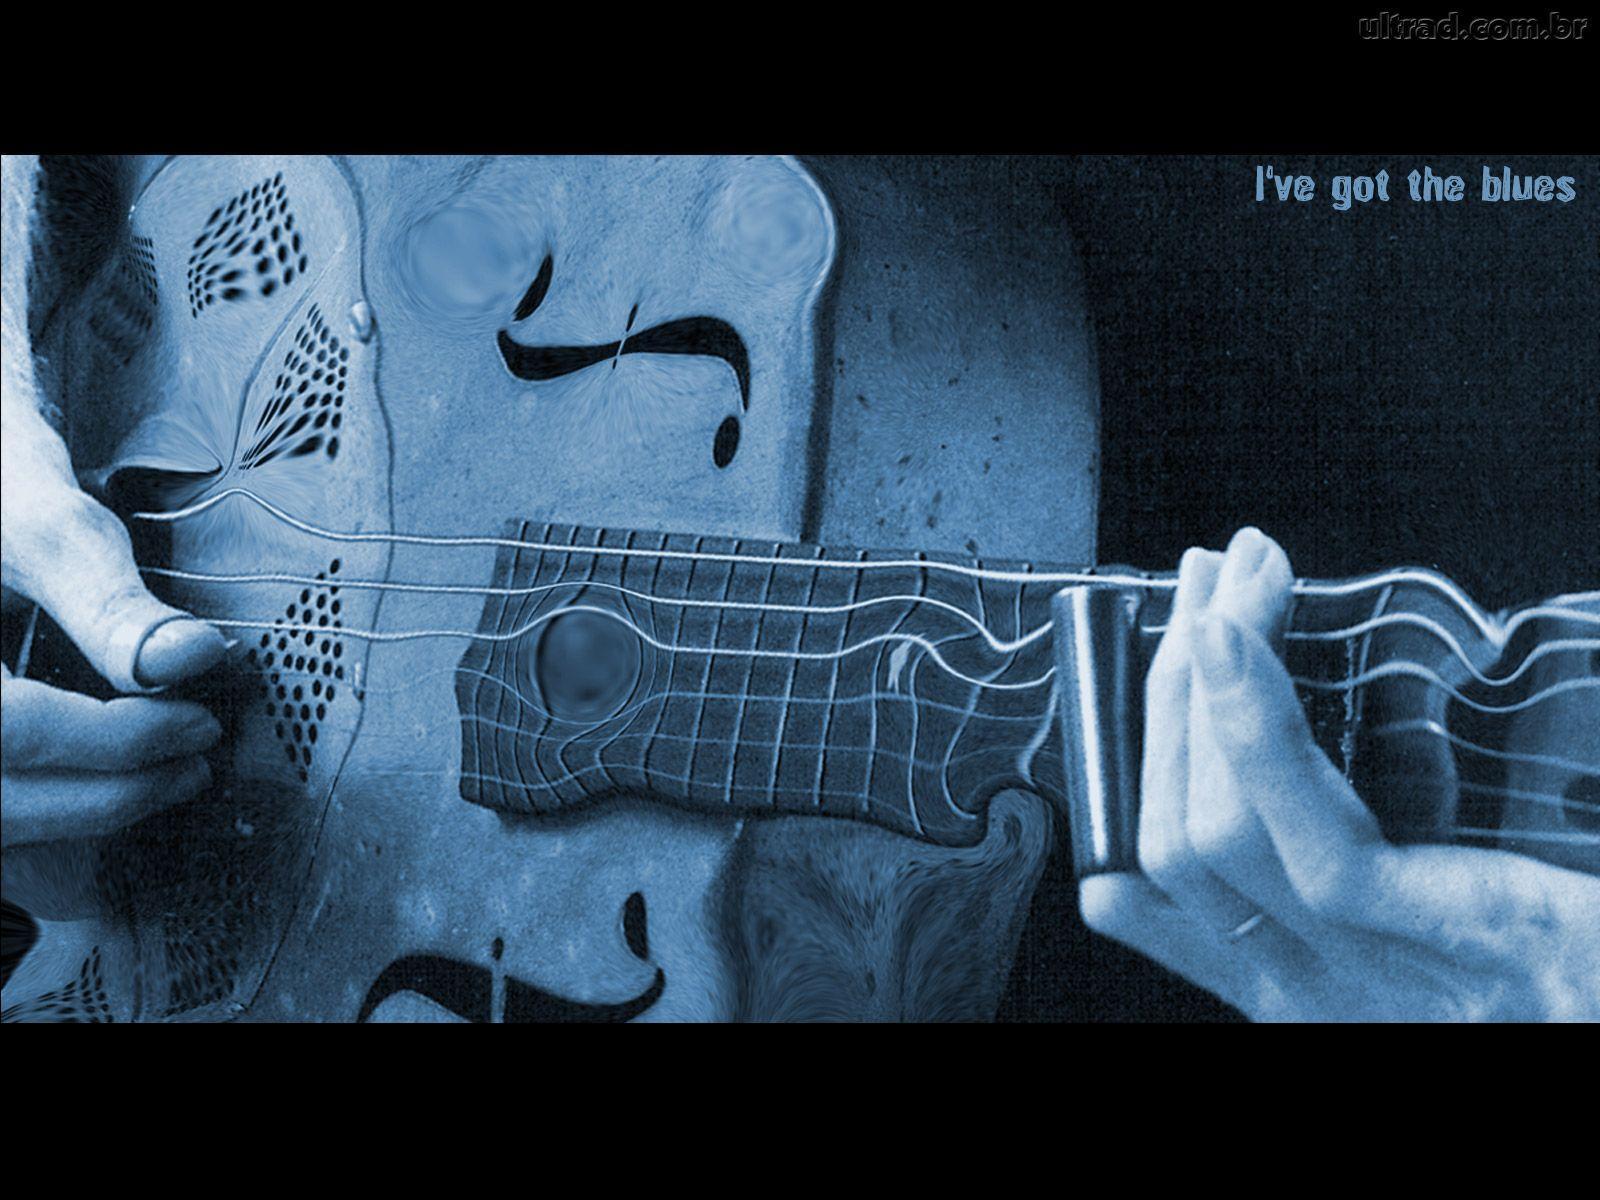 baixo vintage instrumento 4k - photo #10